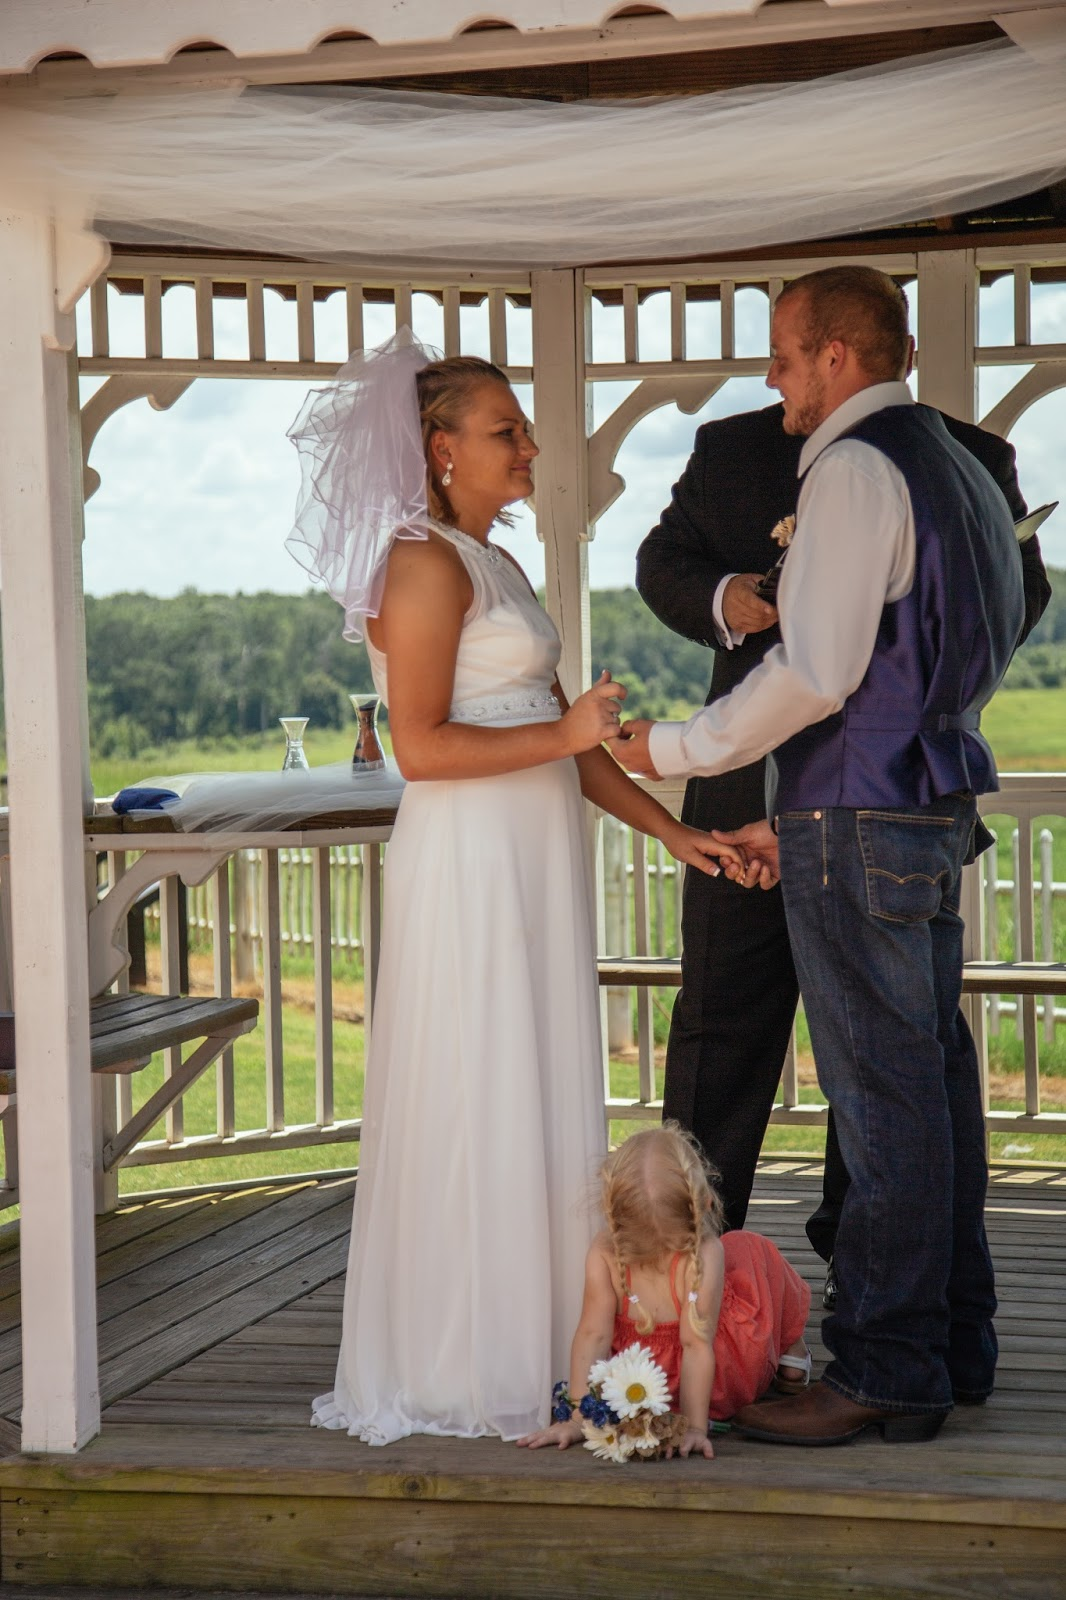 moore+wedding-34.jpg